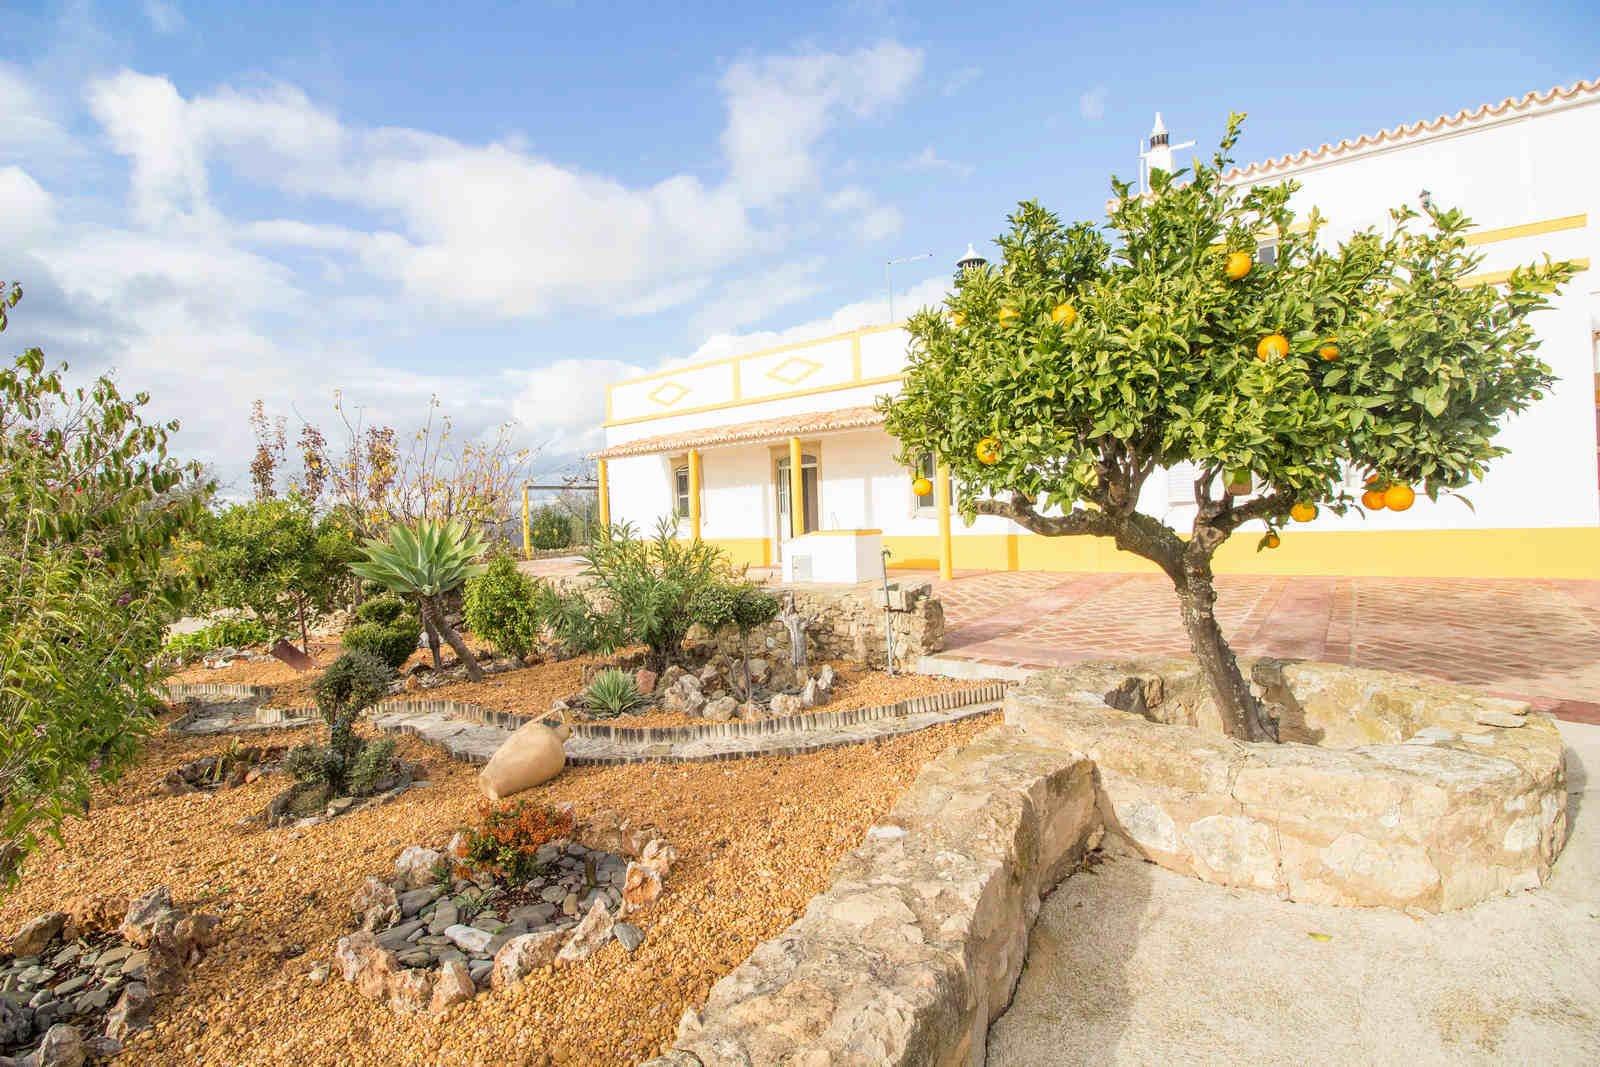 6 Bedroom Villa Boliqueime, Central Algarve Ref: PV3532